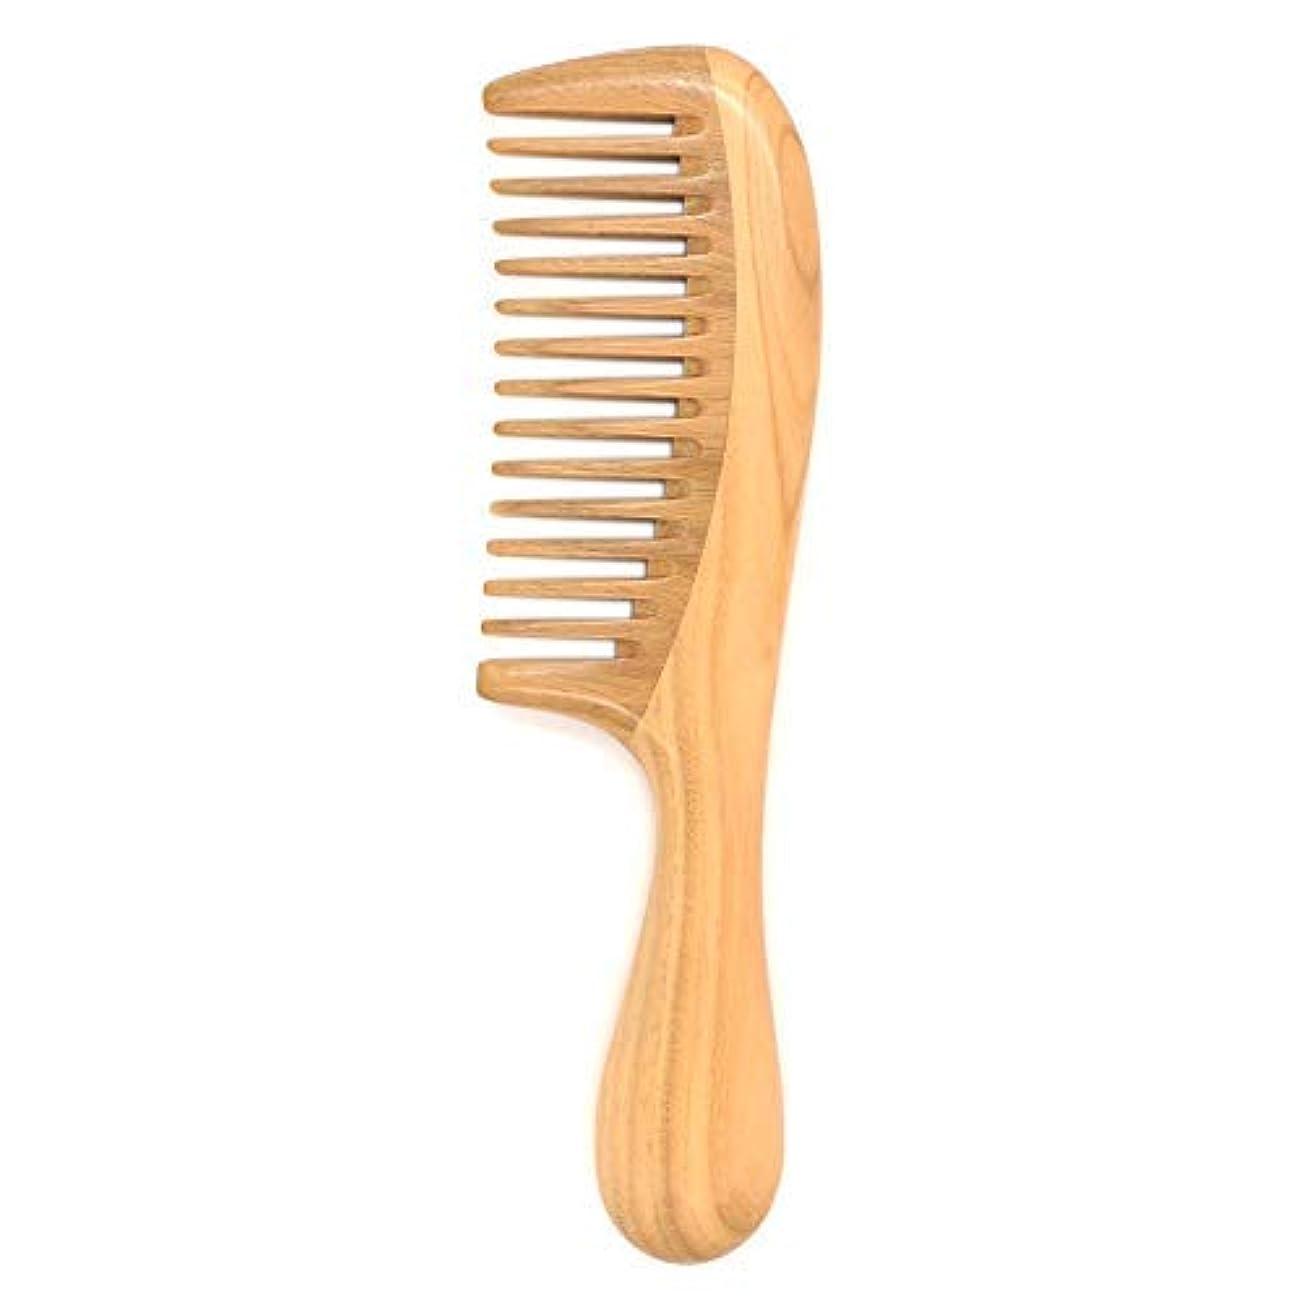 雇った入射返還Tinfun Natural Green Sandalwood Hair Comb Wooden Comb (Wide Tooth) for Curly Hair Detangling - No Static, Prevent...